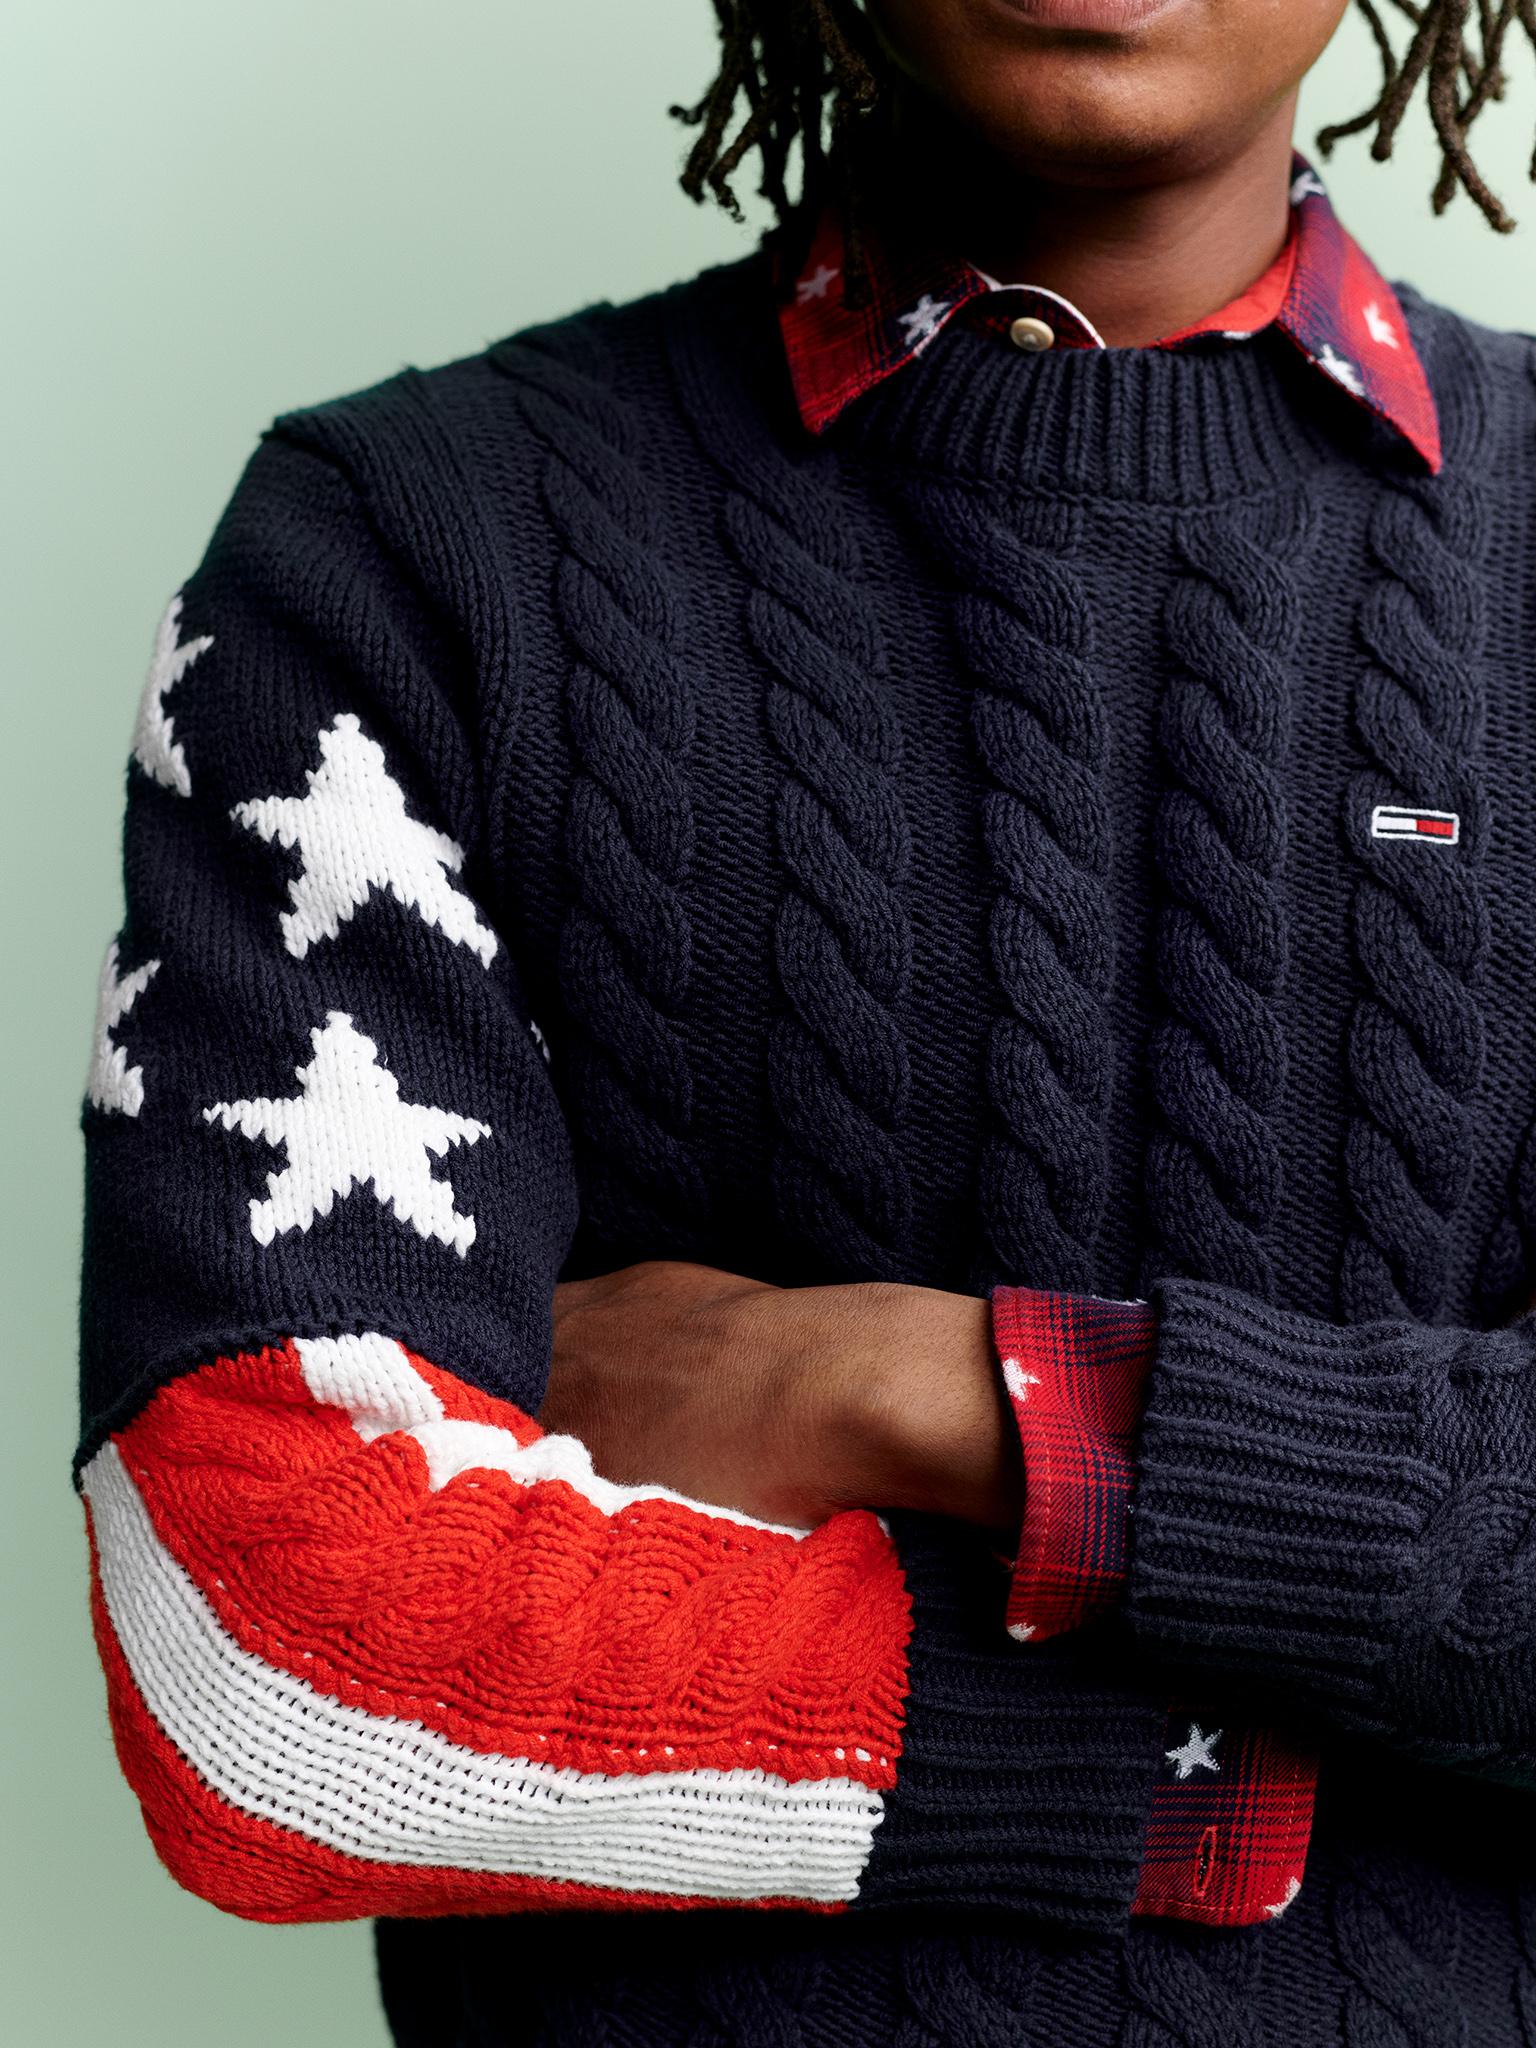 TH_Fall2019_TommyJeans_Lookbook_Look_08_Detail01.jpg